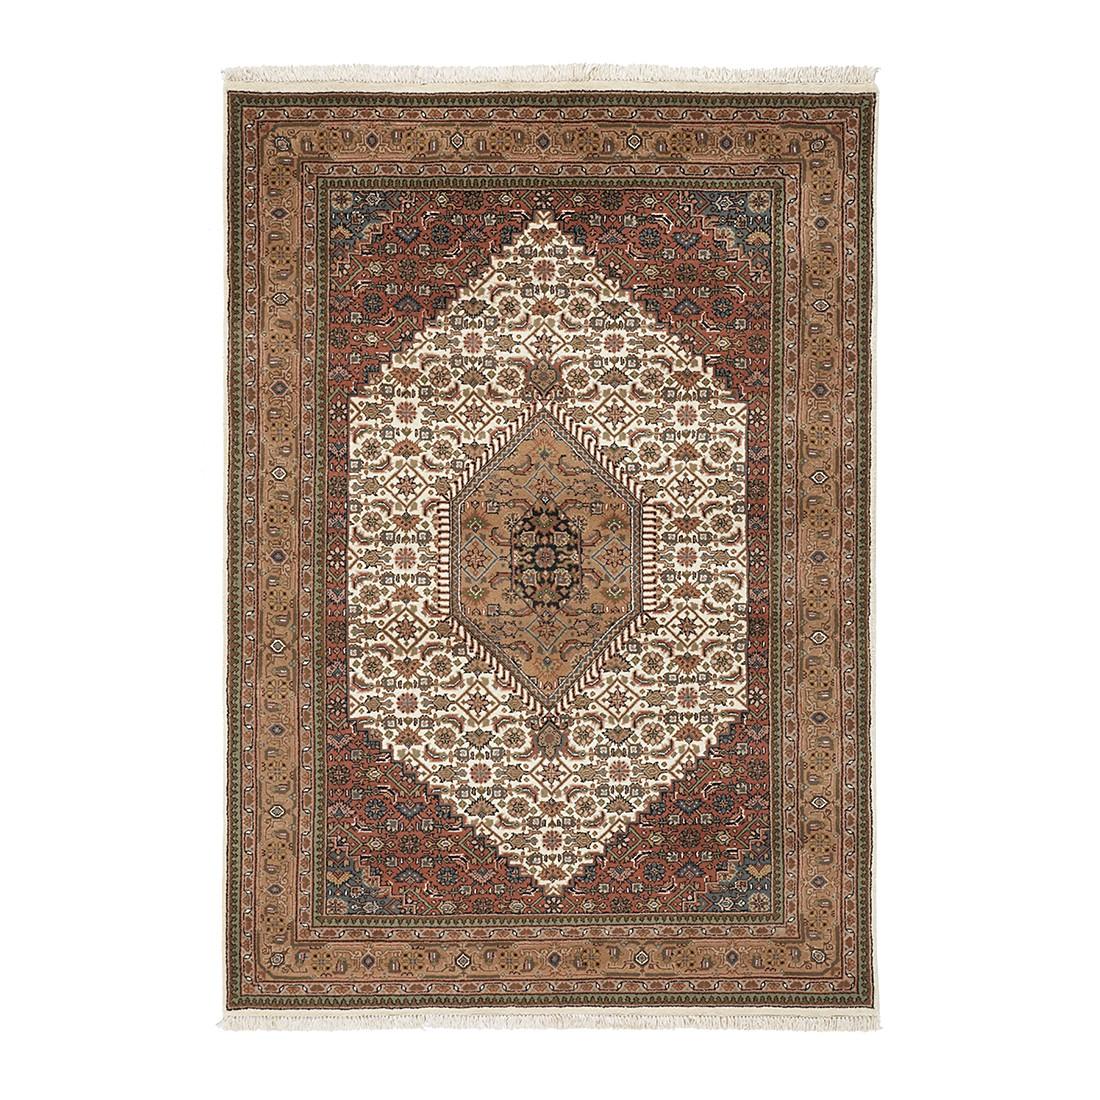 Teppich Mohammadi Bidjar – Beige – 60 x 90 cm, Parwis günstig kaufen